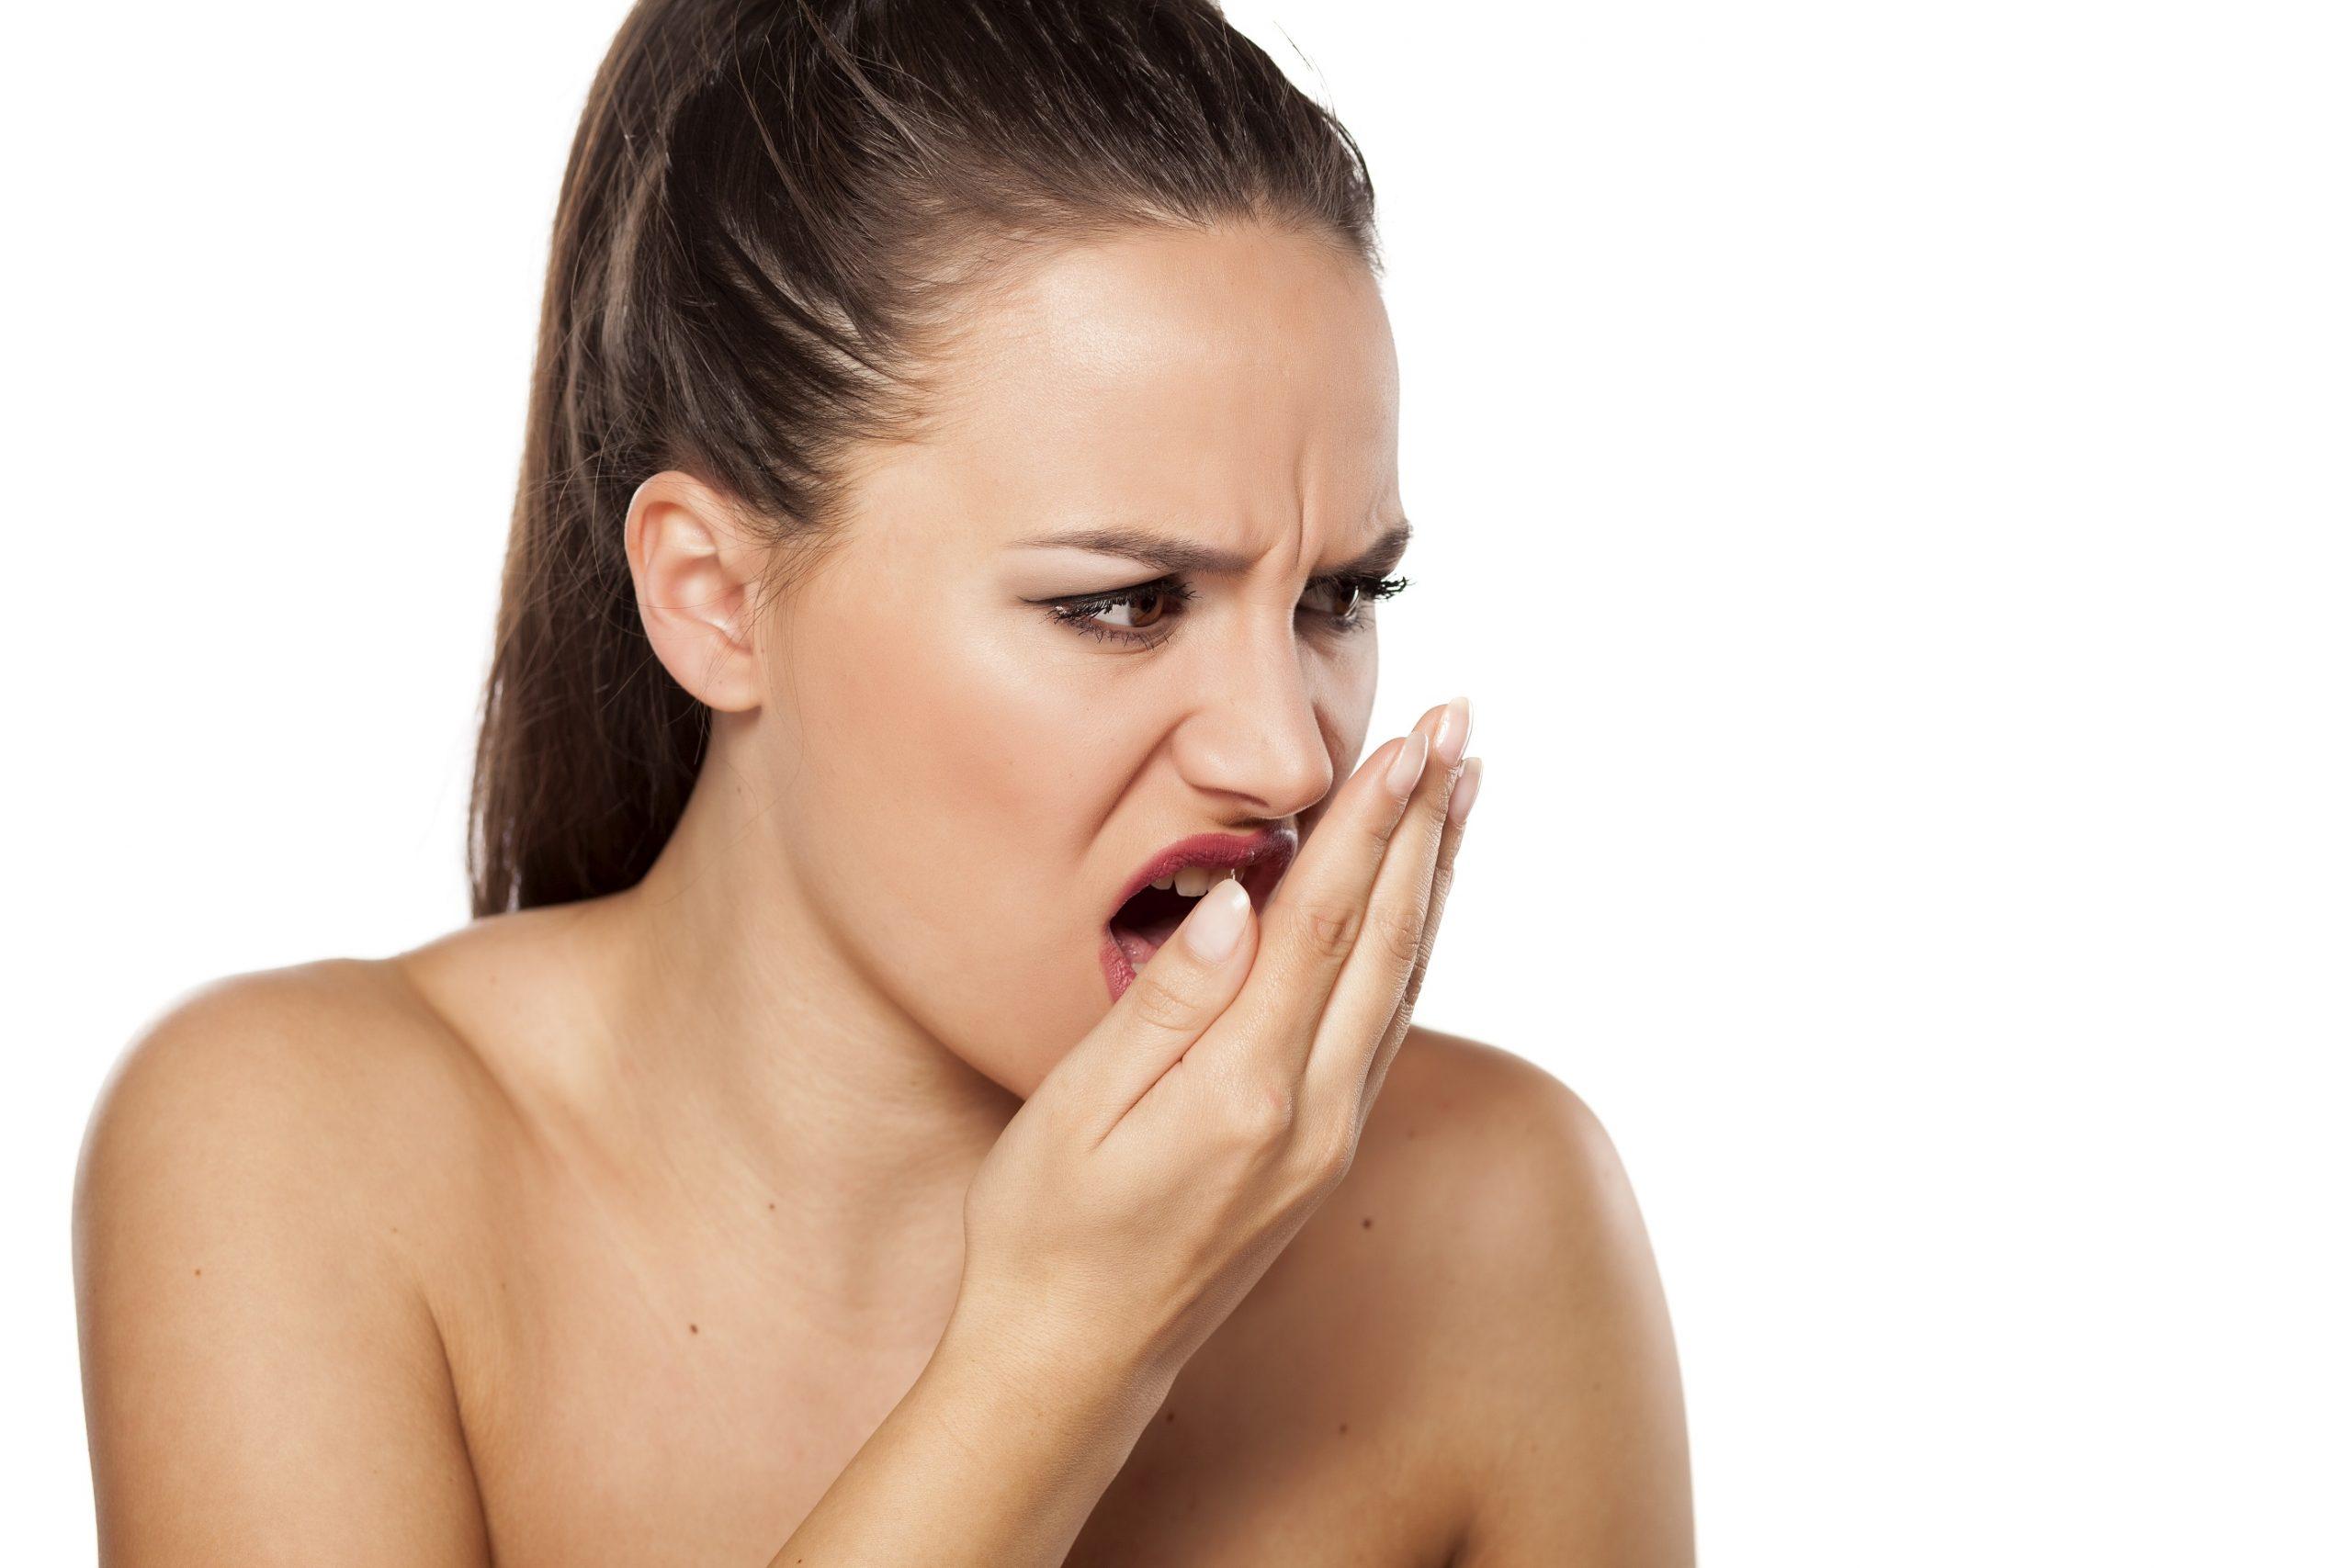 Respiratia urat mirositoare te ingrijoreaza? Iata cum o combati!